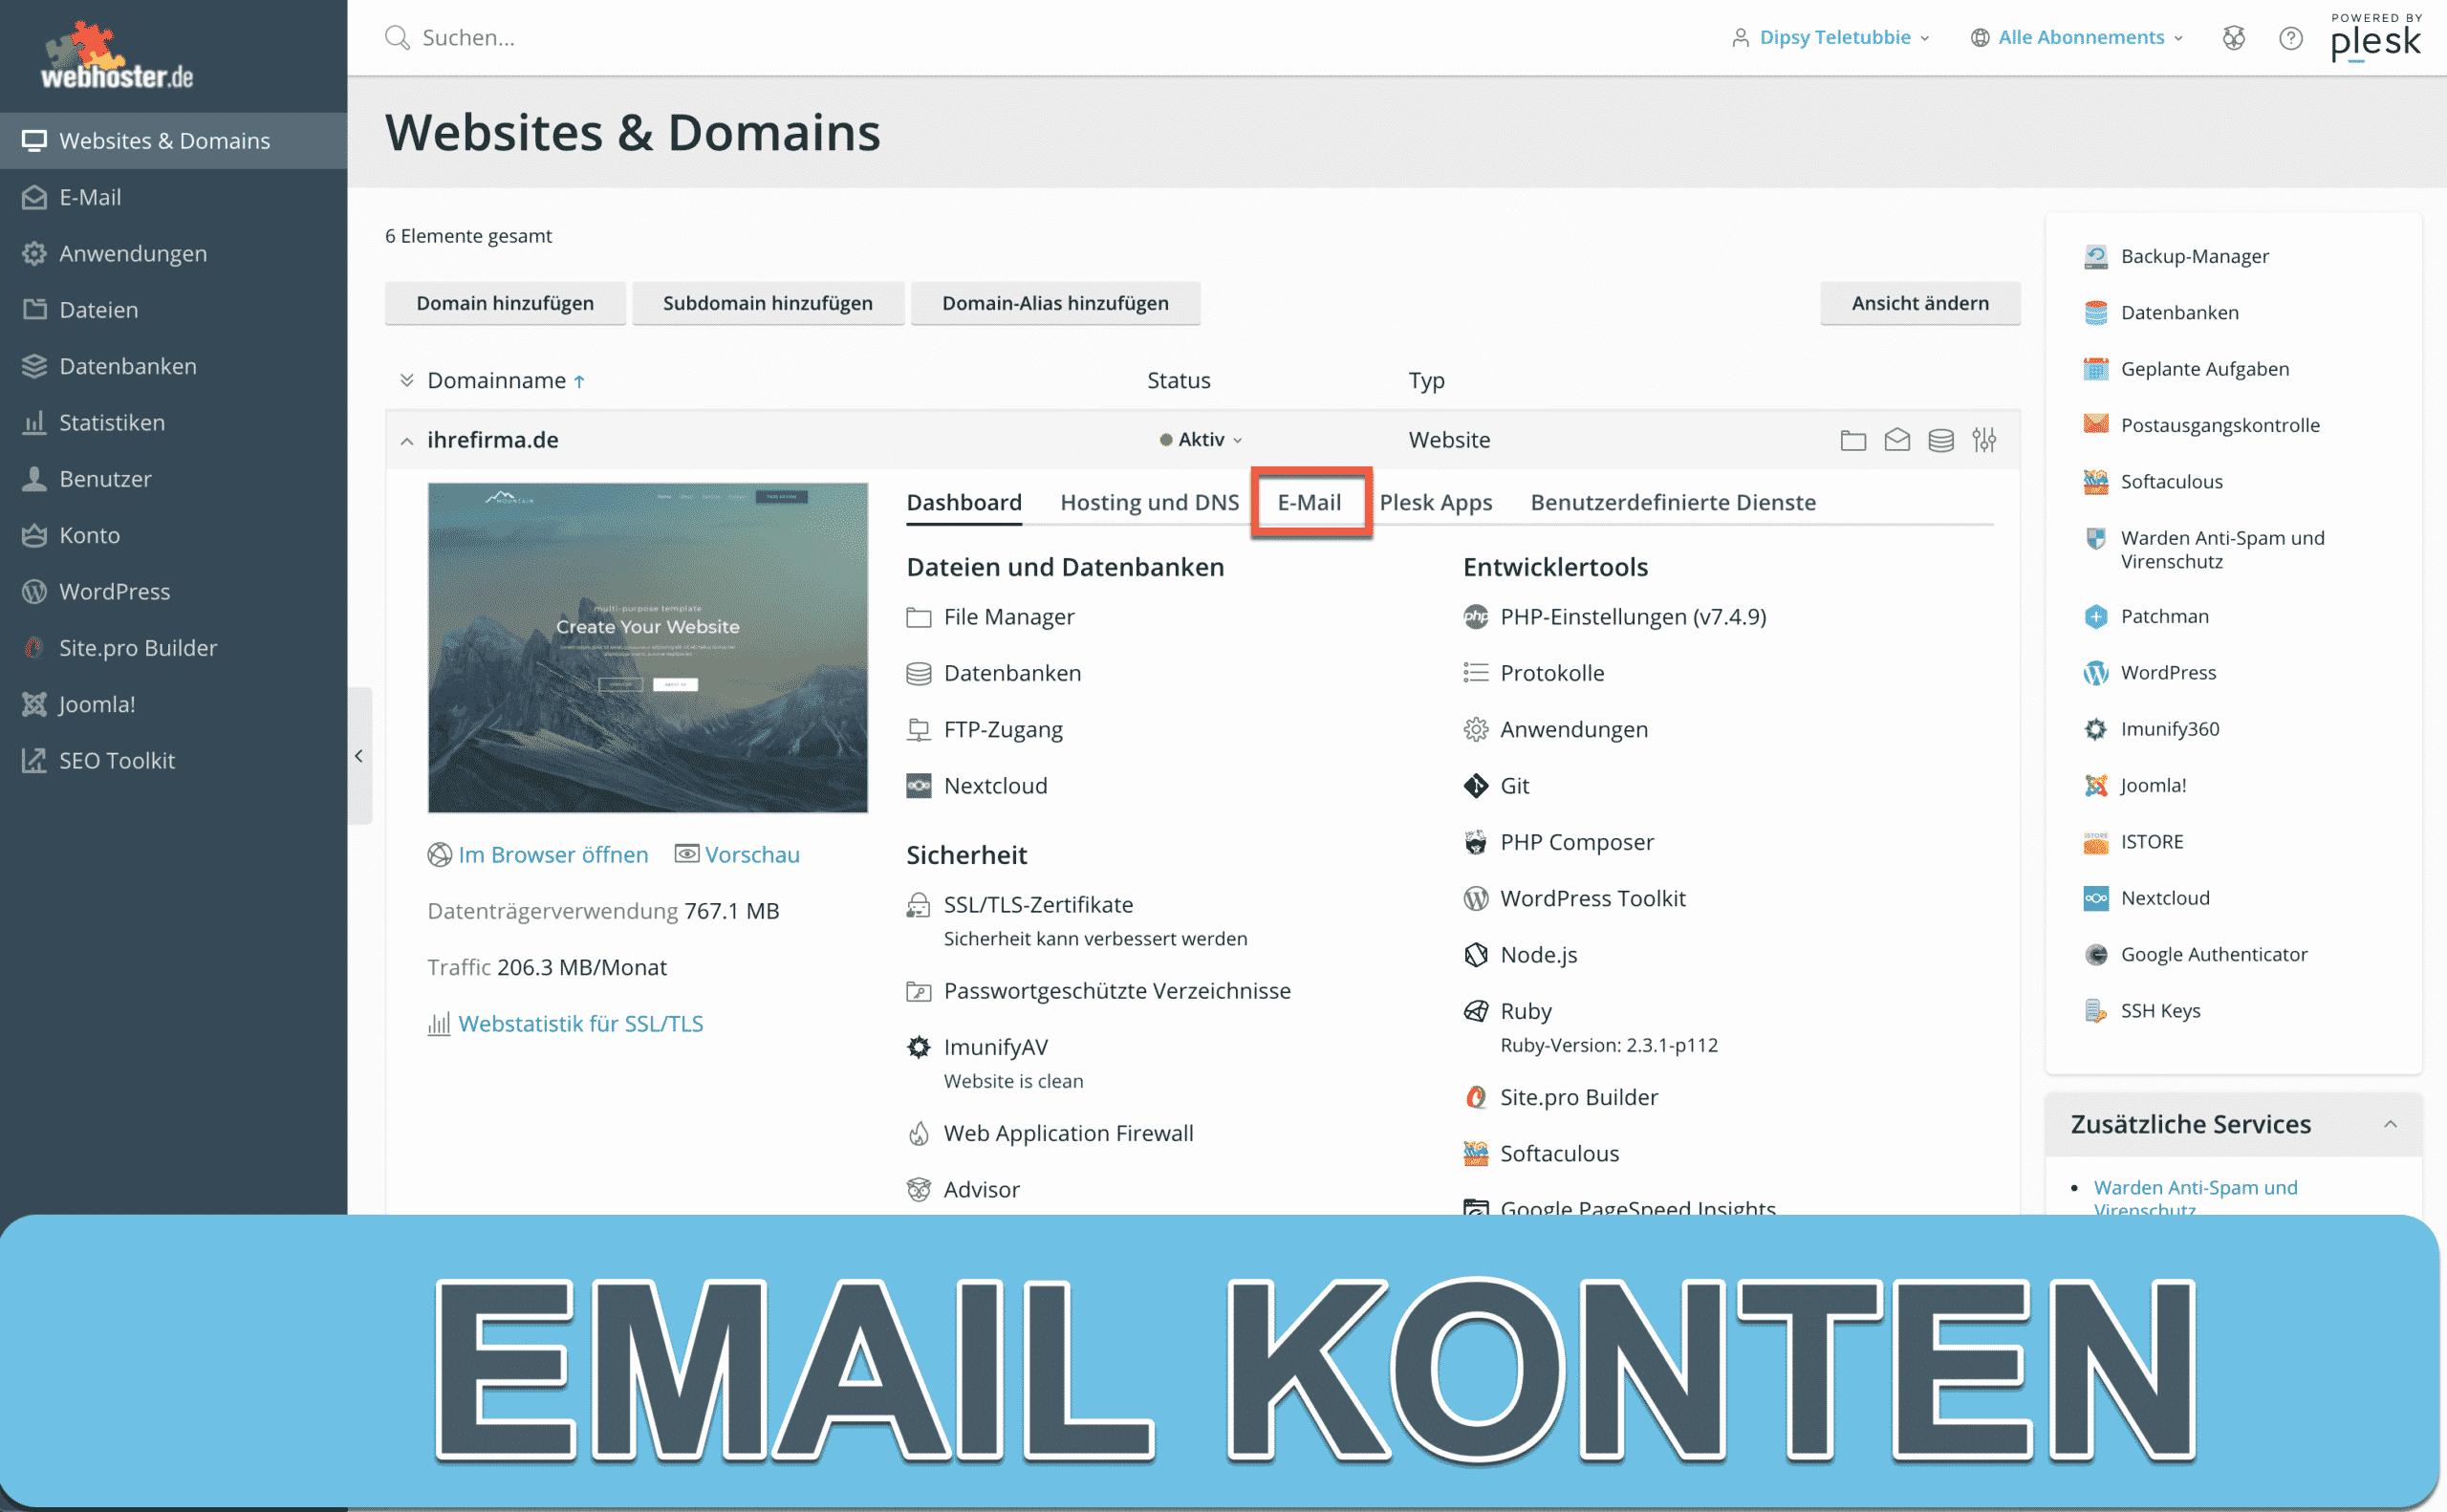 email konten anlegen